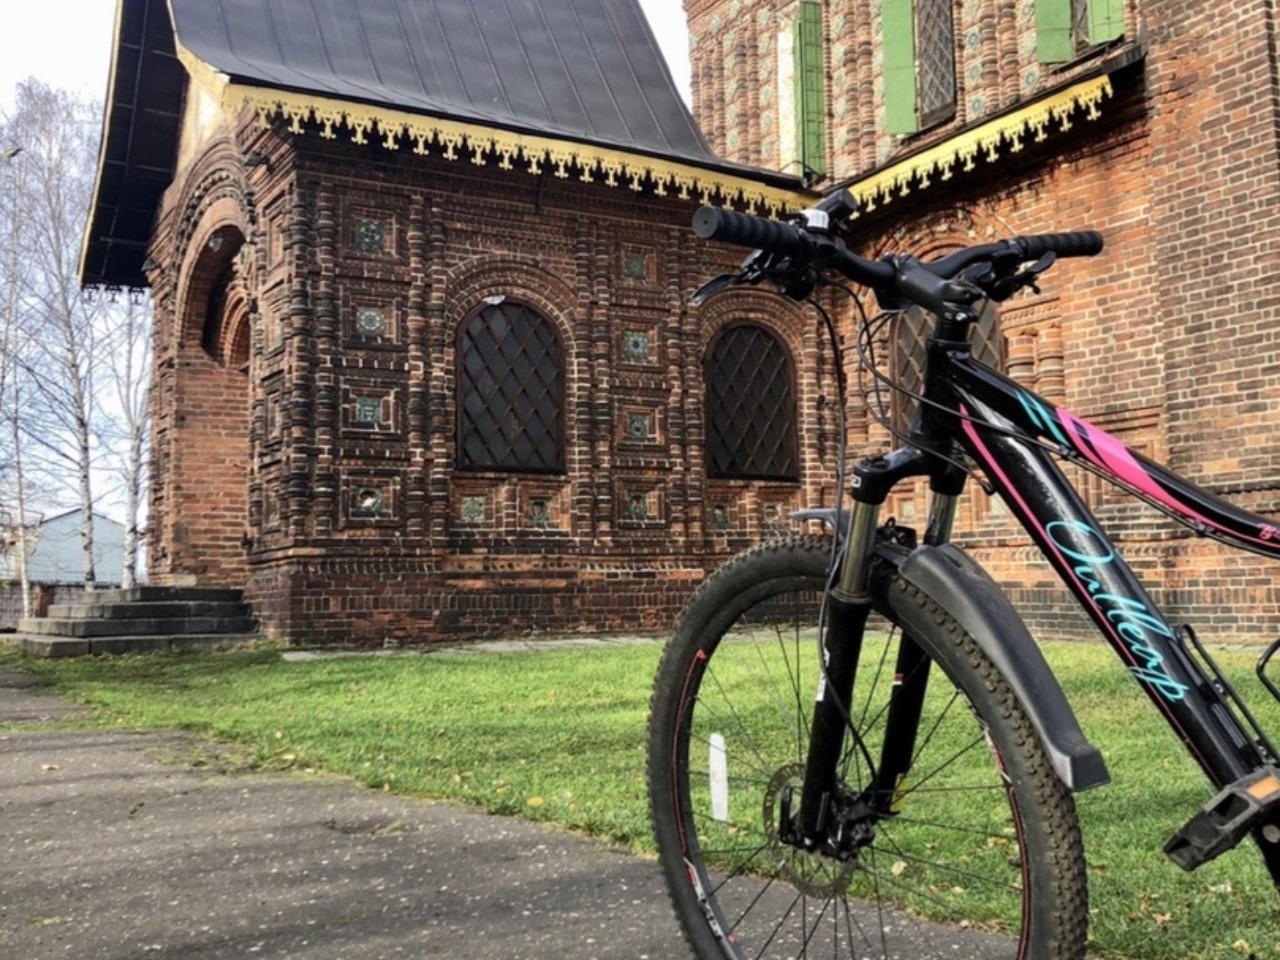 Велосипедная экскурсия по Ярославлю - индивидуальная экскурсия в Ярославле от опытного гида